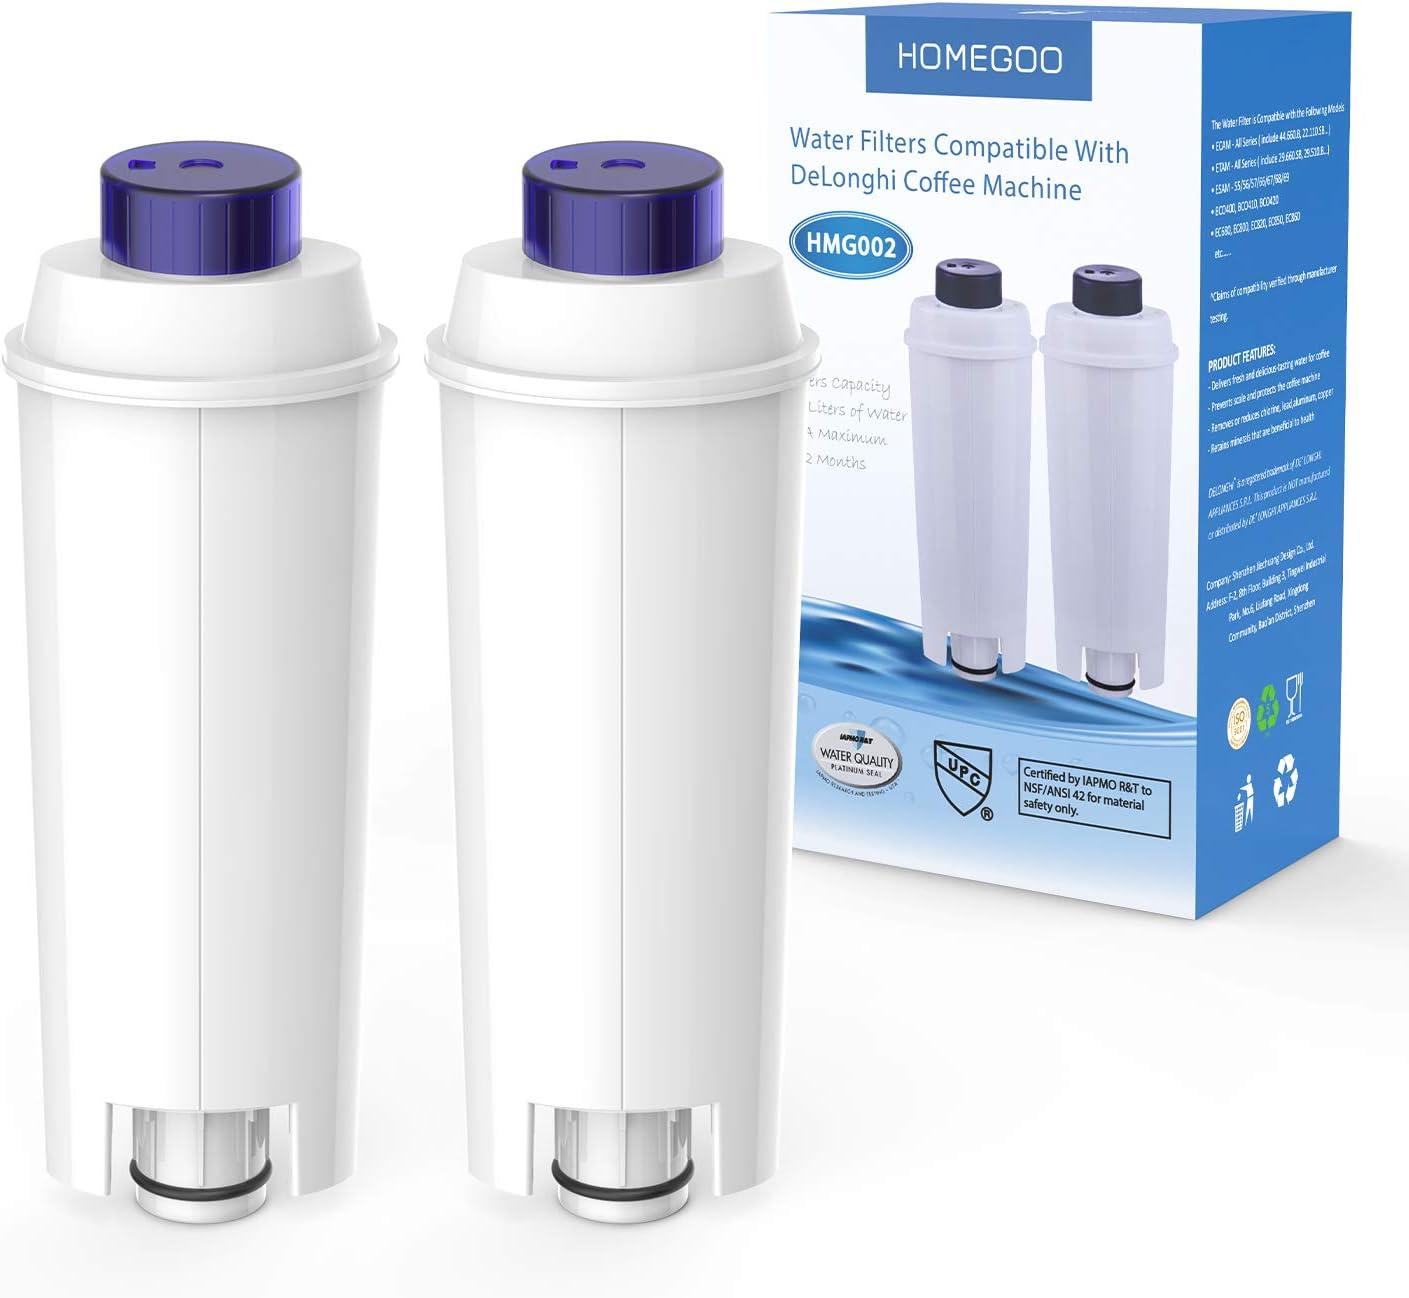 Filtro de Agua para Cafetera DeLonghi Filtro DLSC002 con Ablandador de Carbón Activado, Homegoo Filtro Compatible con De'Longhi ECAM, Esam, Etam, BCO, EC. (Paquete de 2)